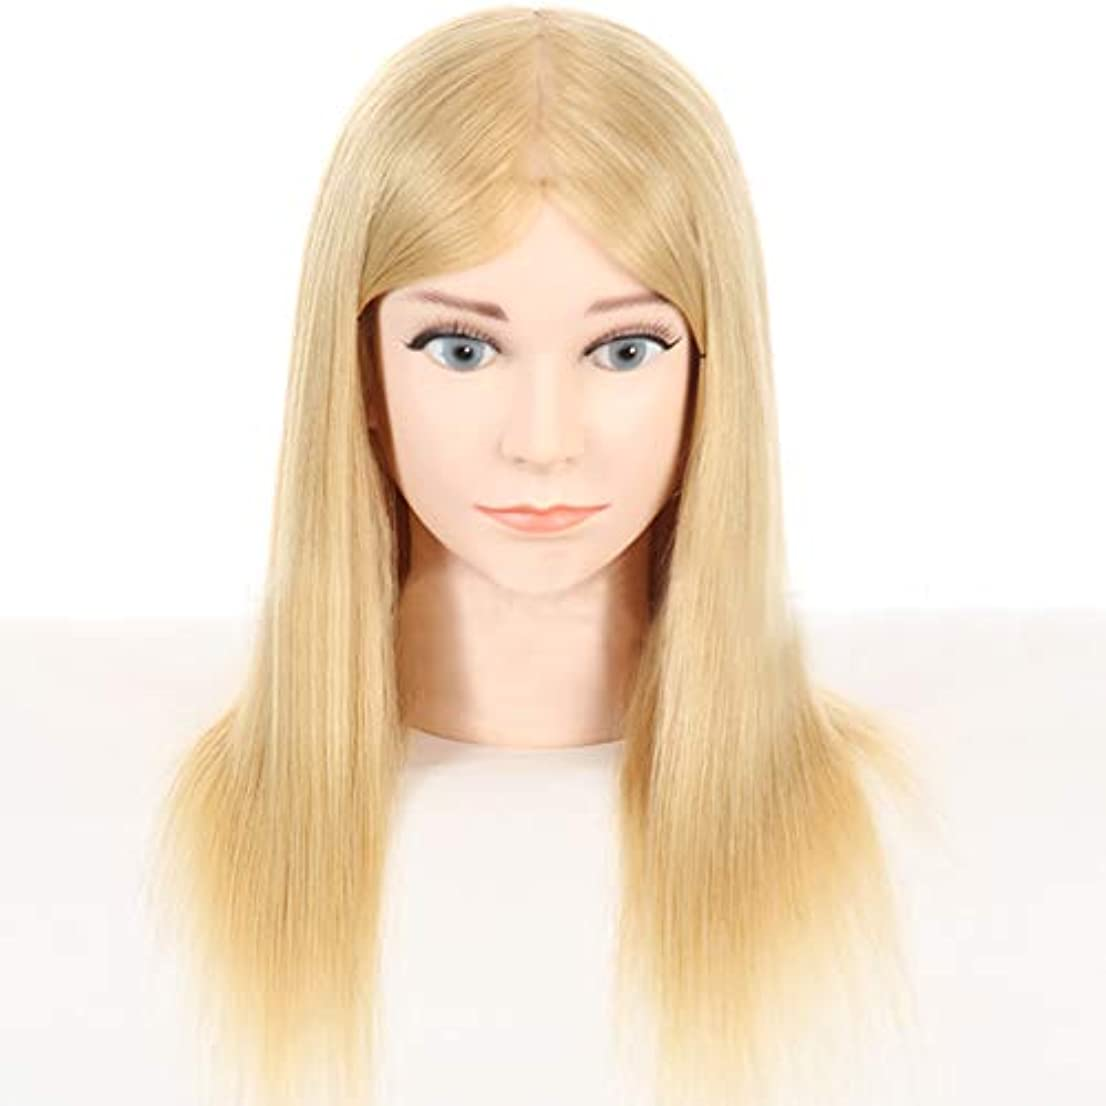 曖昧な競争お金本物の人間の髪のかつらの頭の金型の理髪の髪型のスタイリングマネキンの頭の理髪店の練習の練習ダミーヘッド